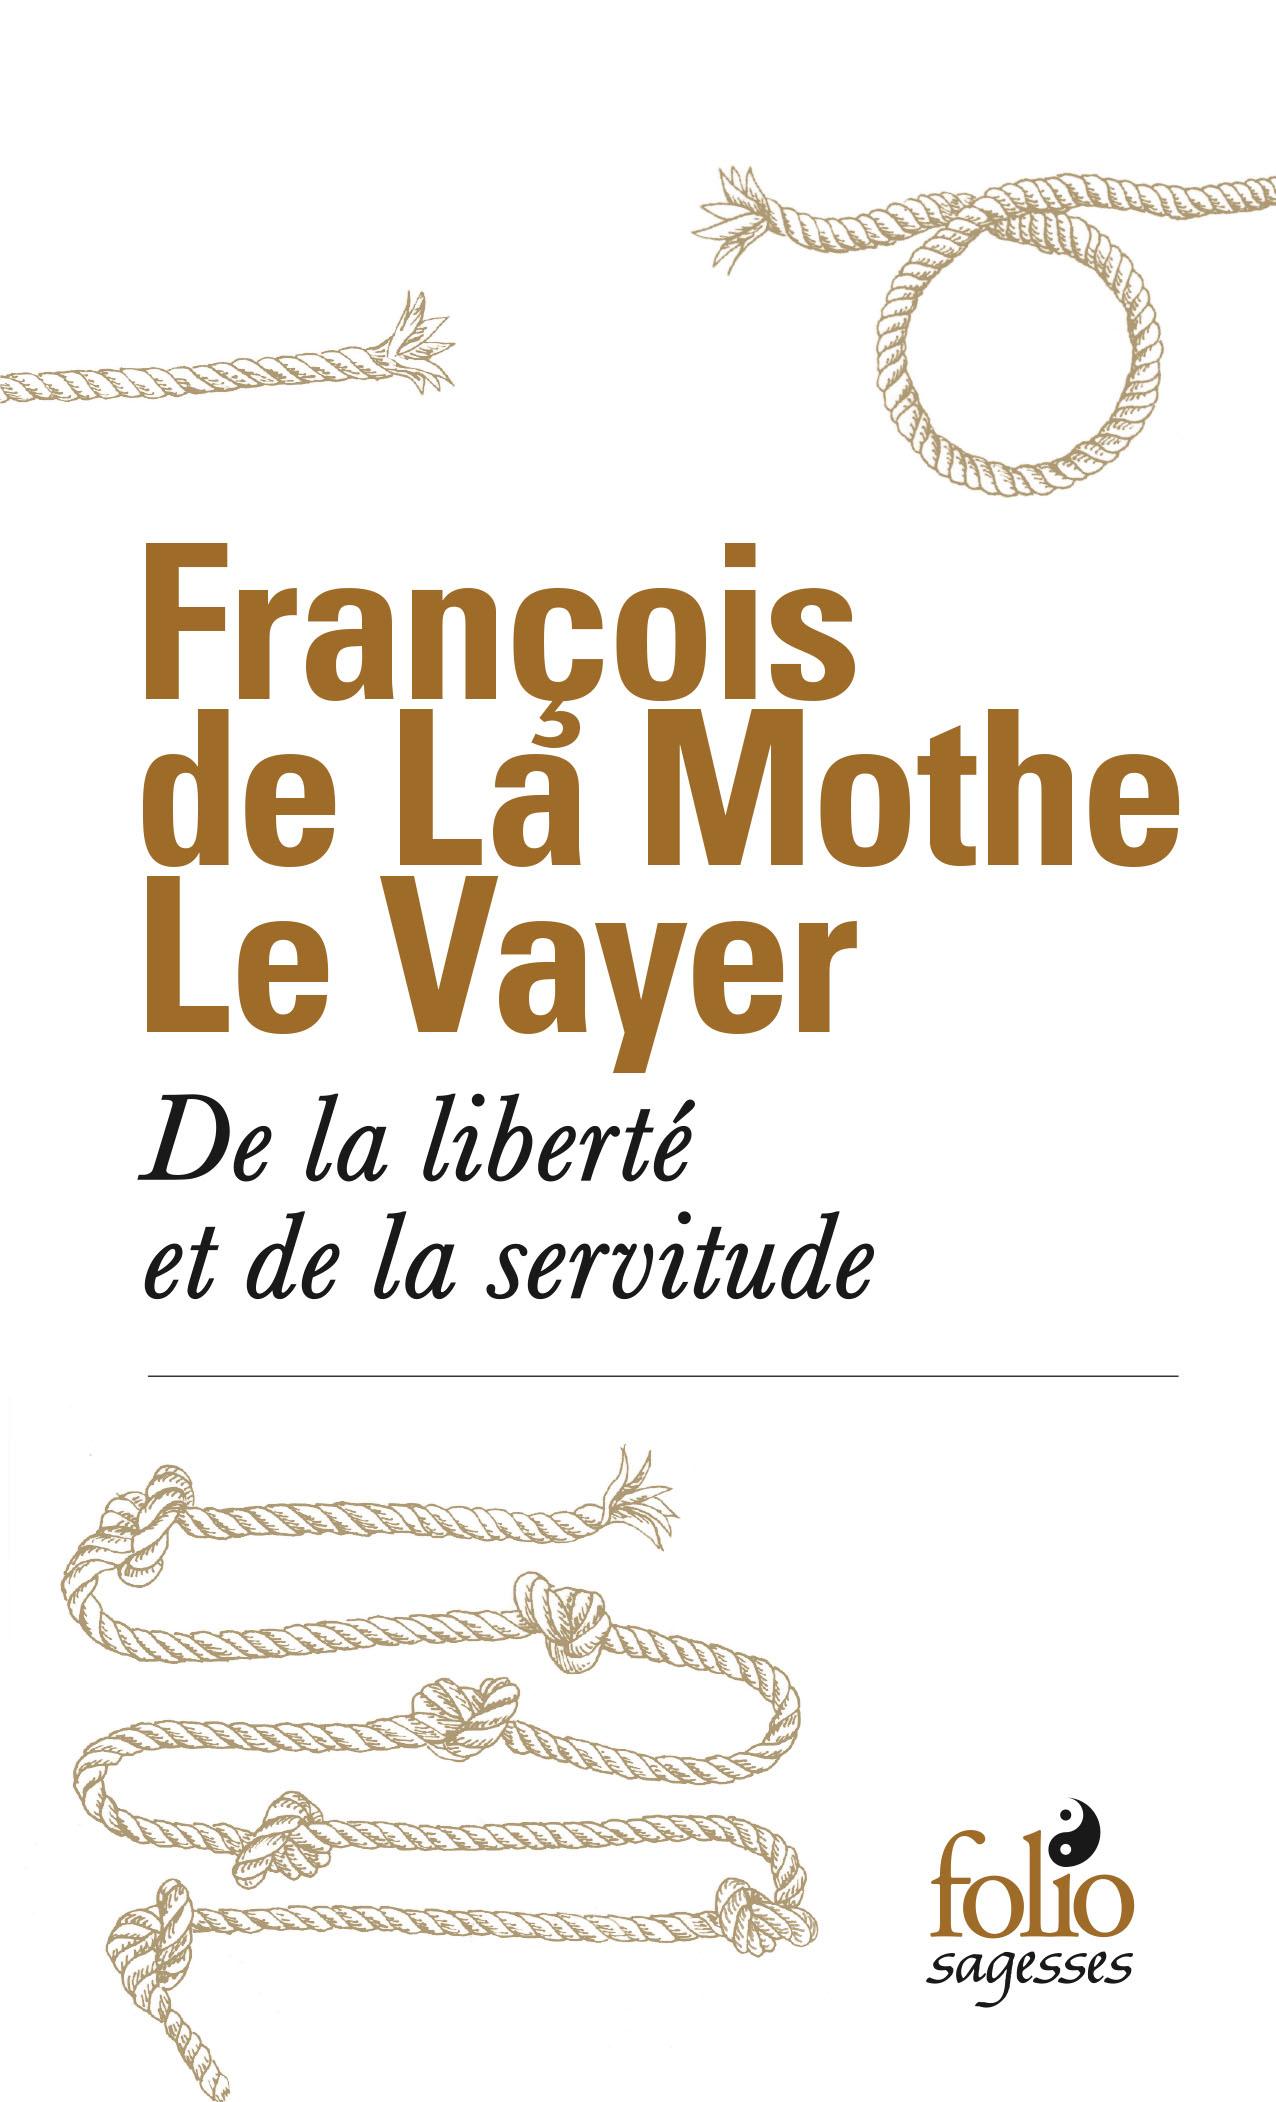 F. La Mothe Le Vayer, De la liberté et de la servitude